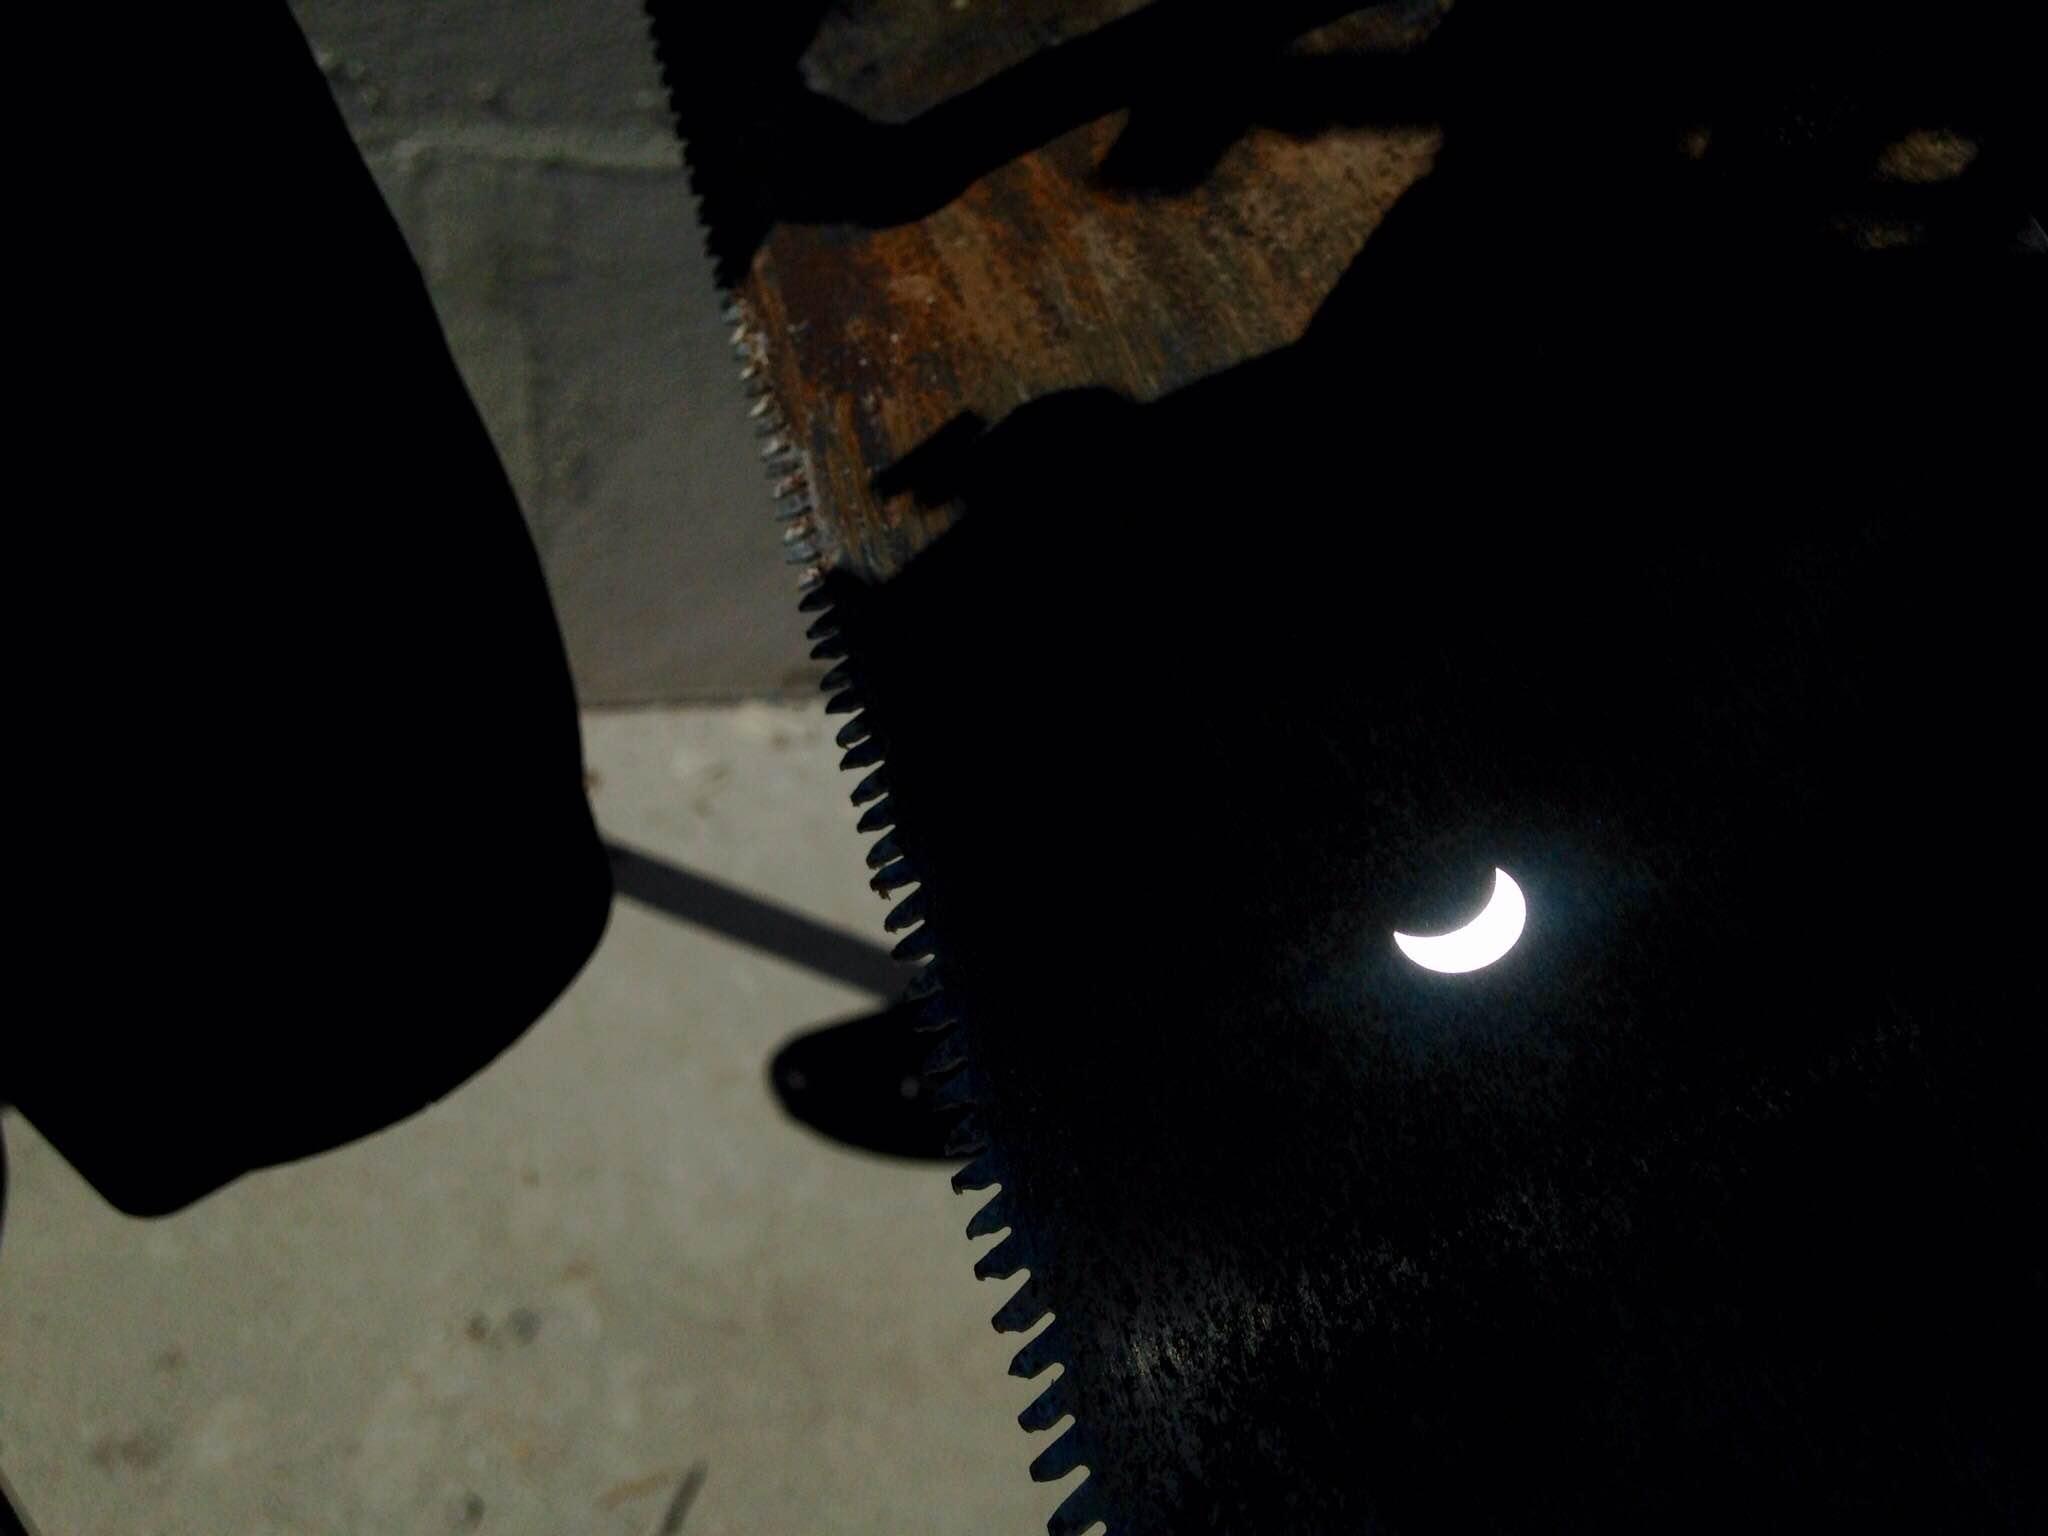 Close up del serrucho asoleado.